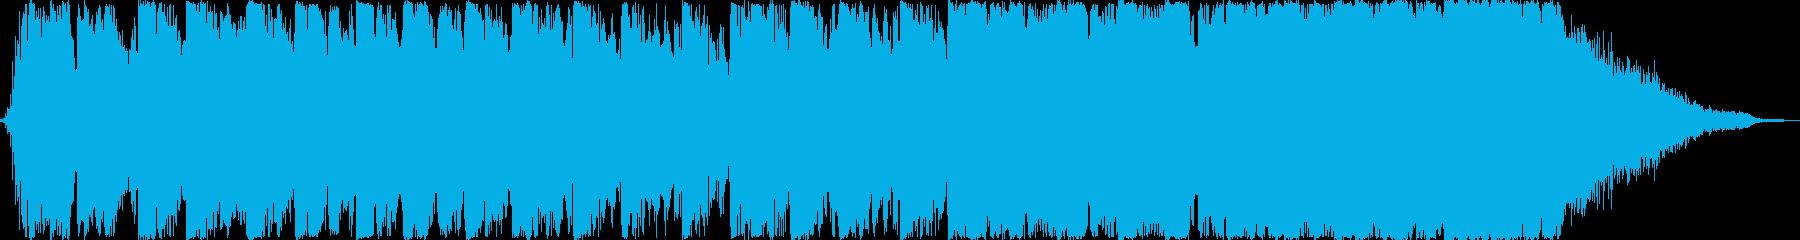 映画・ゲーム用バトルBGM2の再生済みの波形